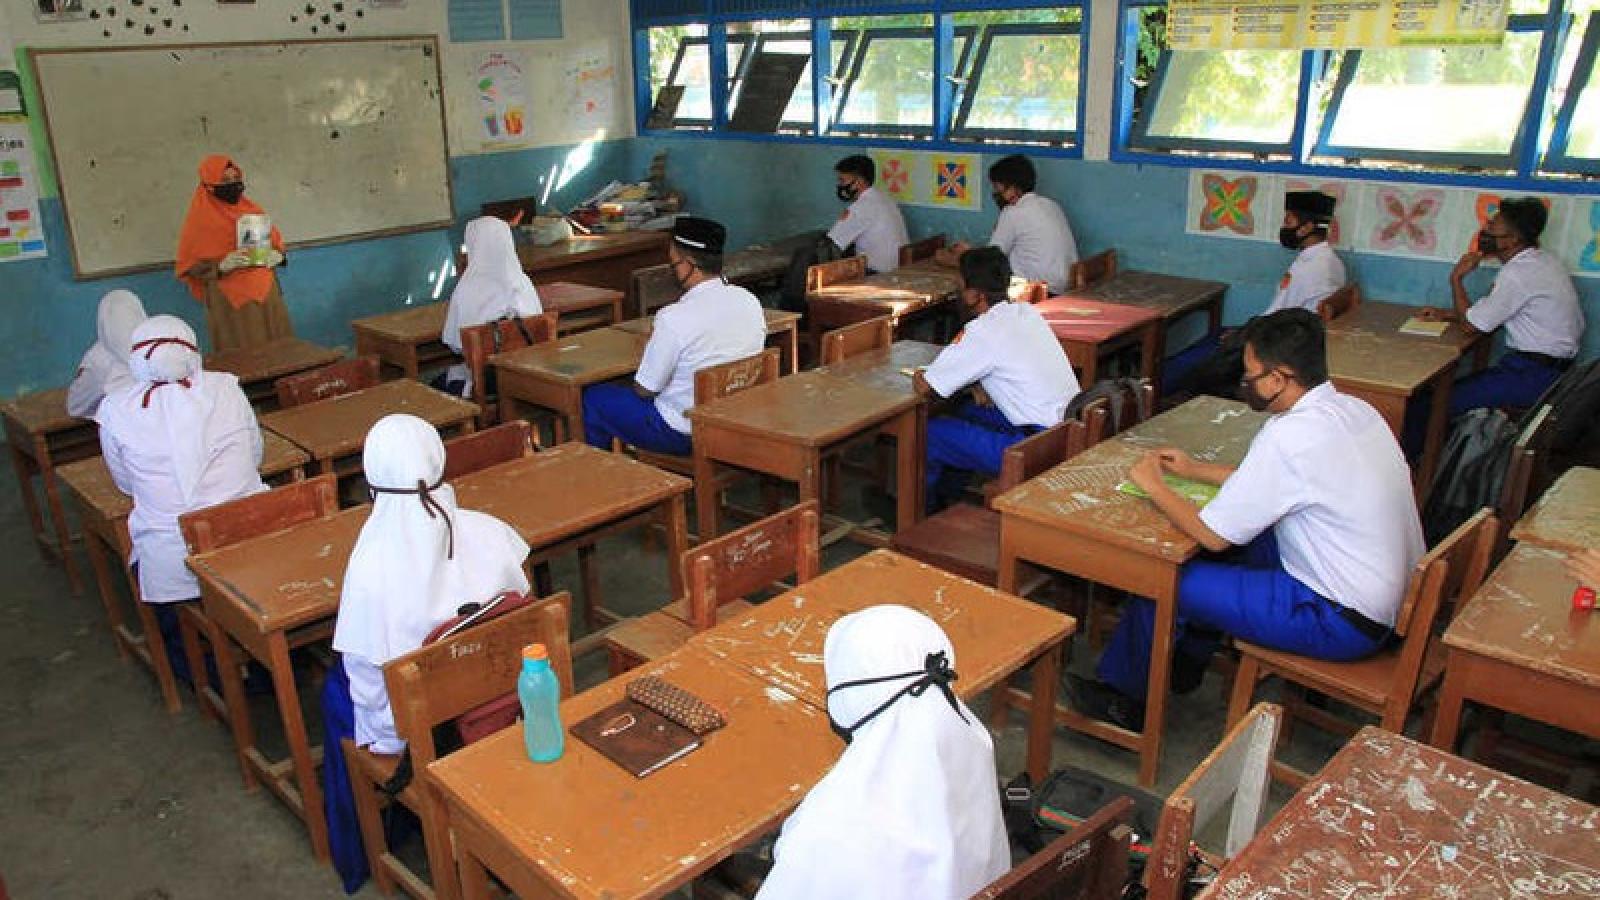 Hàng chục giáo viên Indonesia mắc và tử vong do Covid-19